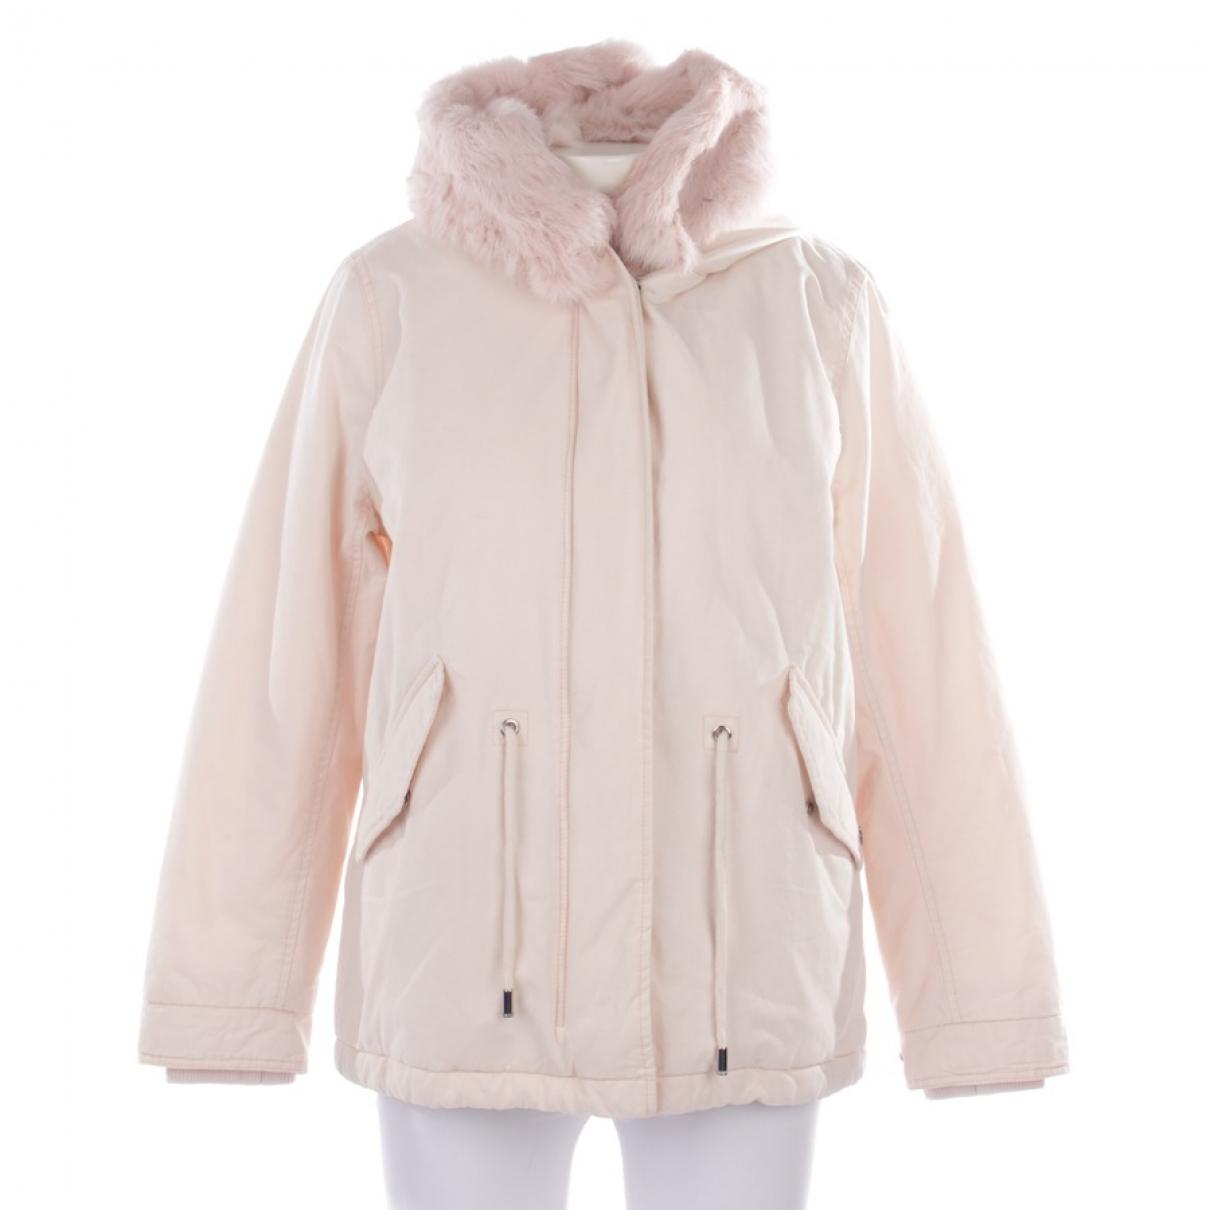 Iq+ Berlin - Veste   pour femme en coton - rose